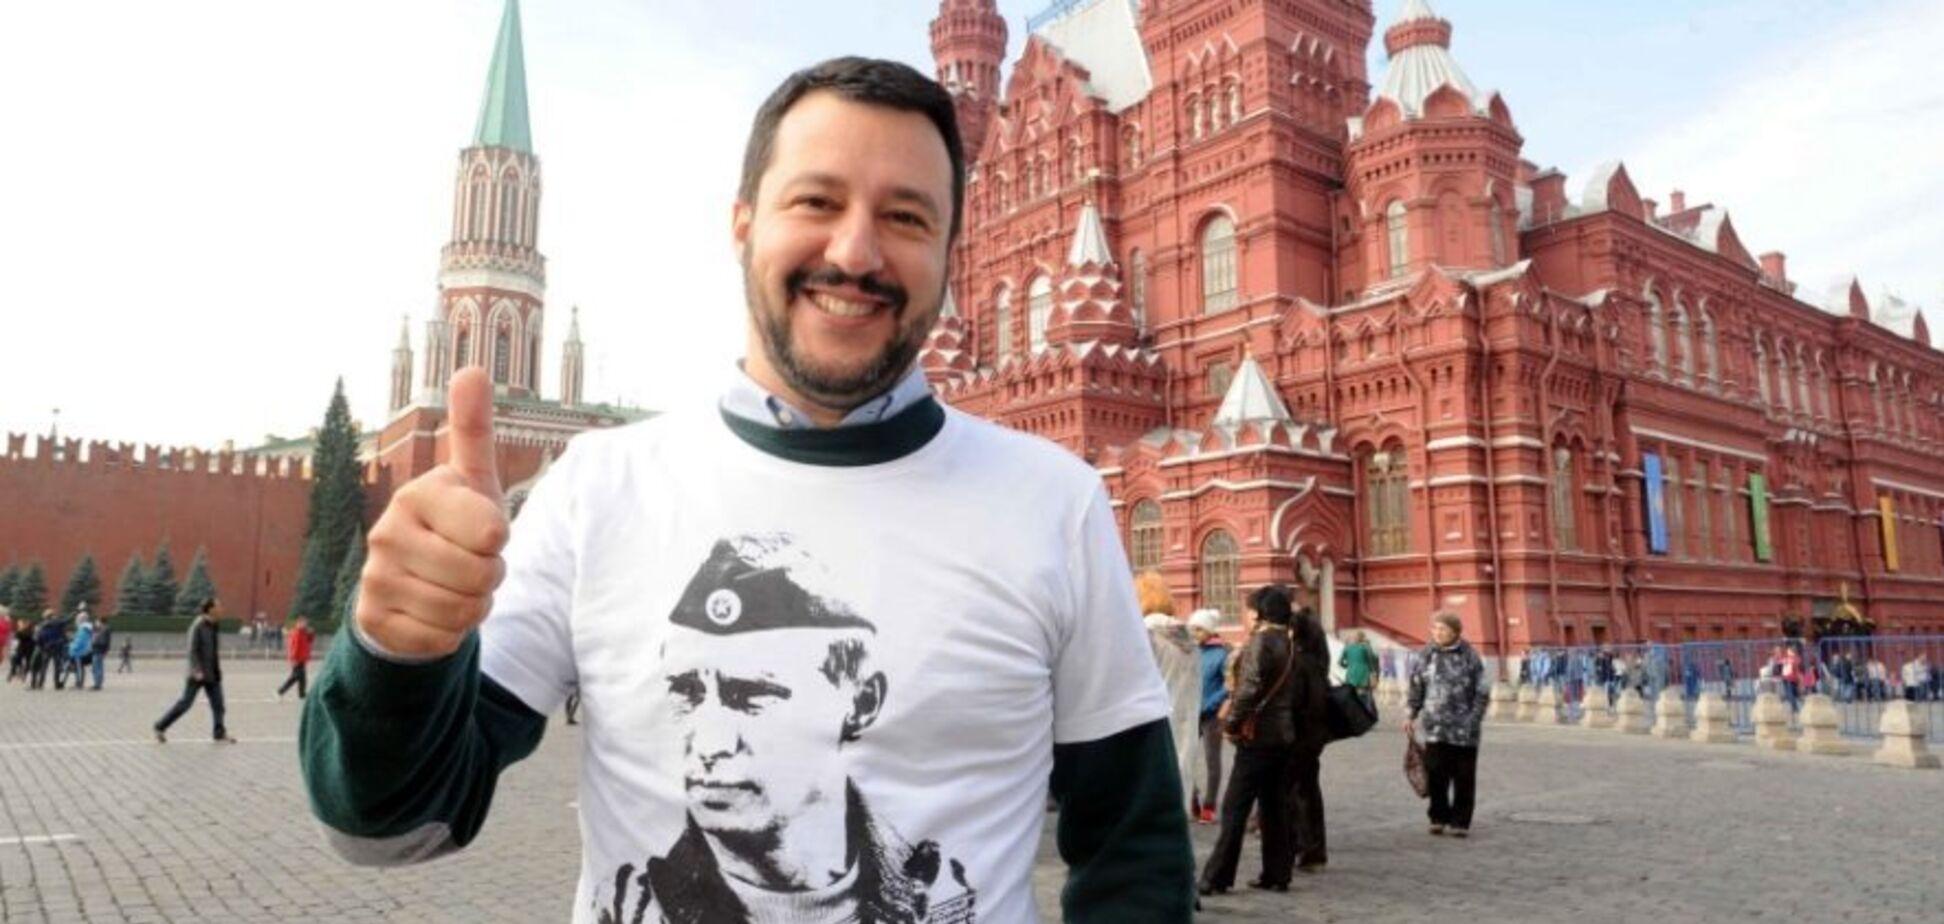 'Ни литра водки!' Скандал с деньгами Путина в Италии получил продолжение